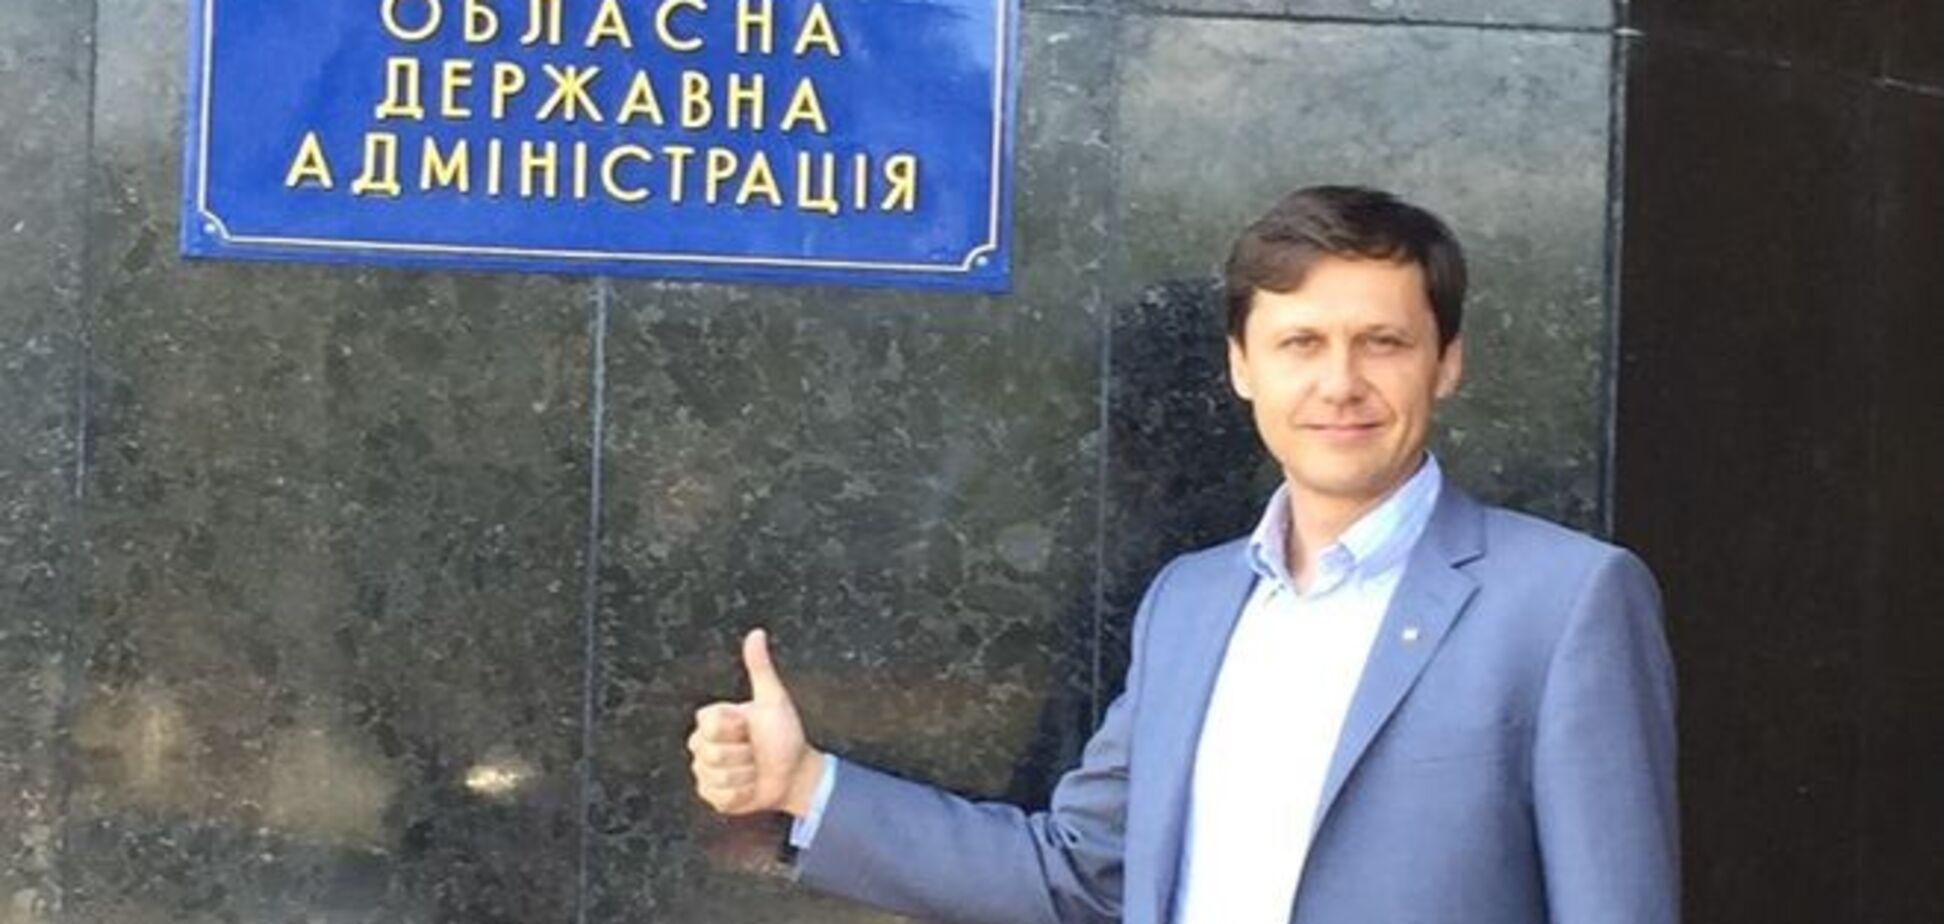 Звільнений міністр Шевченко пішов працювати до Саакашвілі